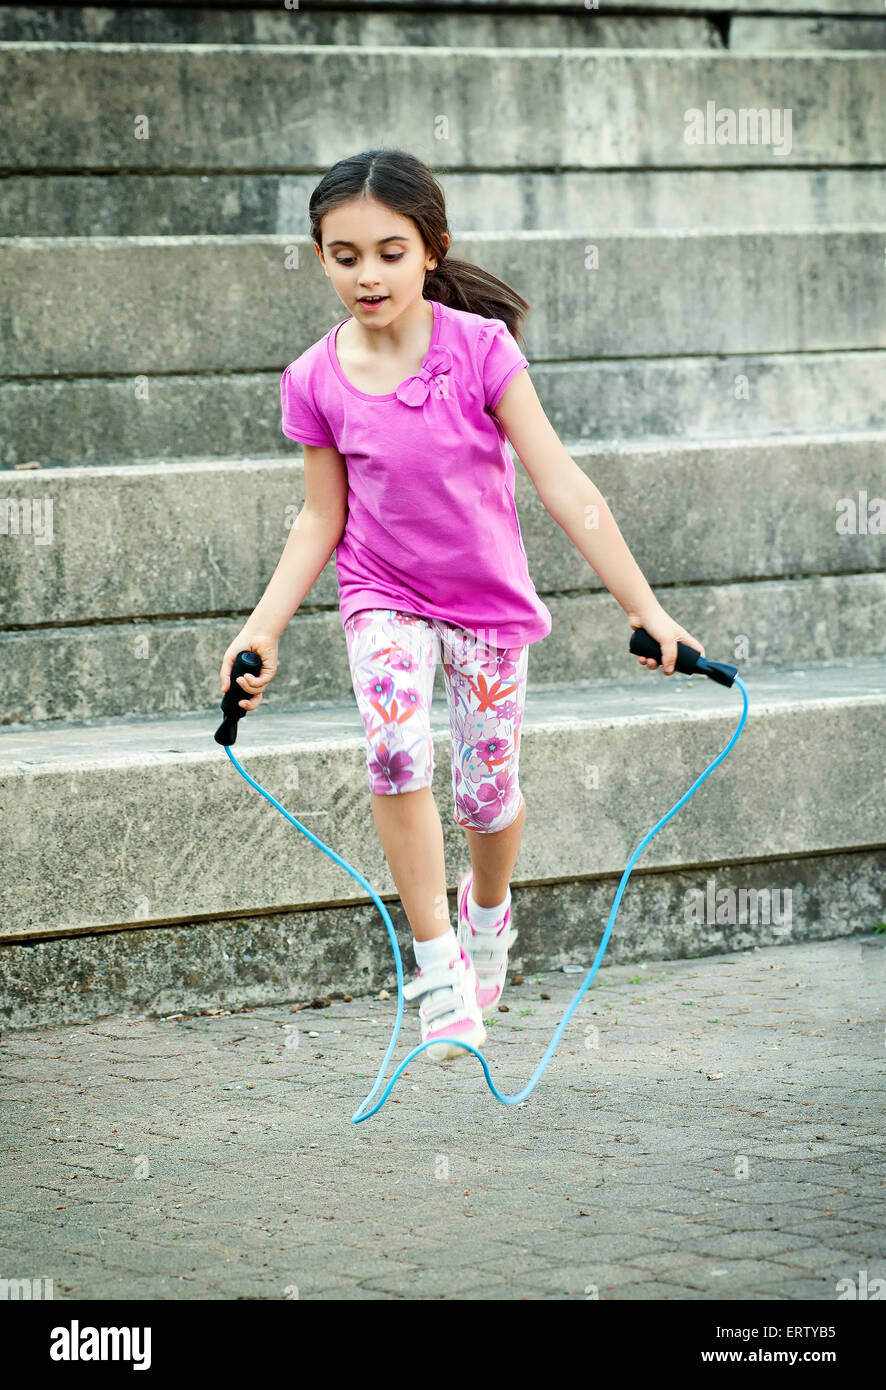 Felice poco attraente ragazza in un elegante abito rosa saltando all'aperto Foto Stock